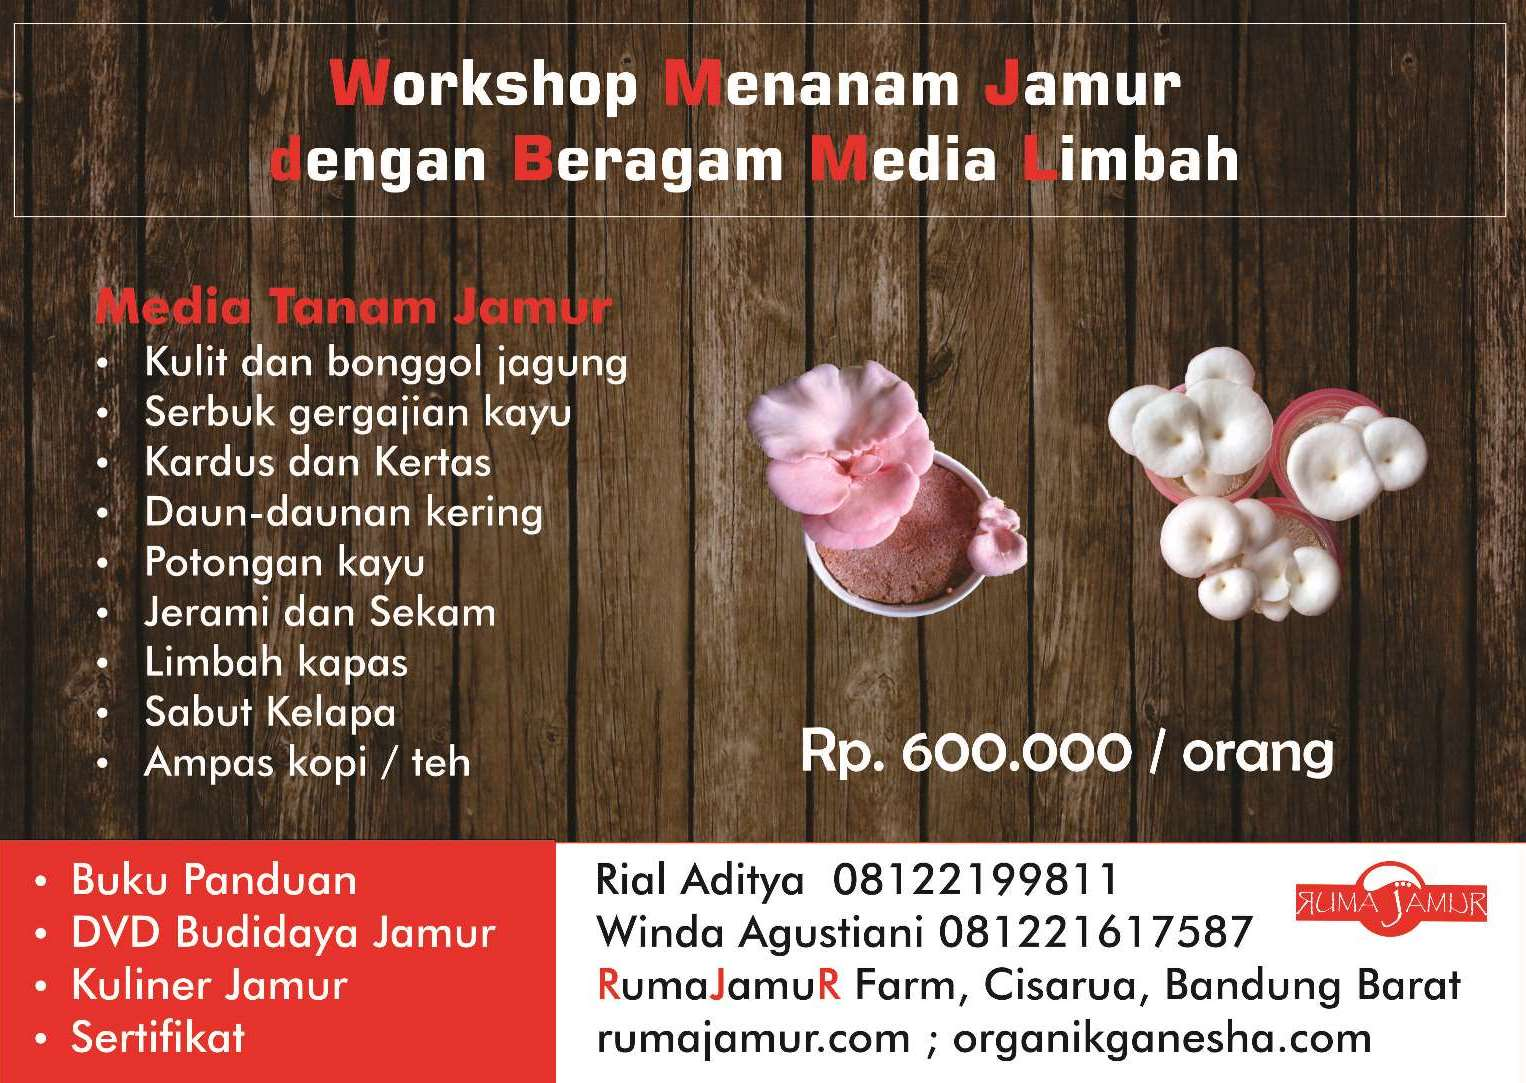 brosur workshop usaha jamur. Pelatihan budidaya jamur 1 update.peluang bisnis jamur